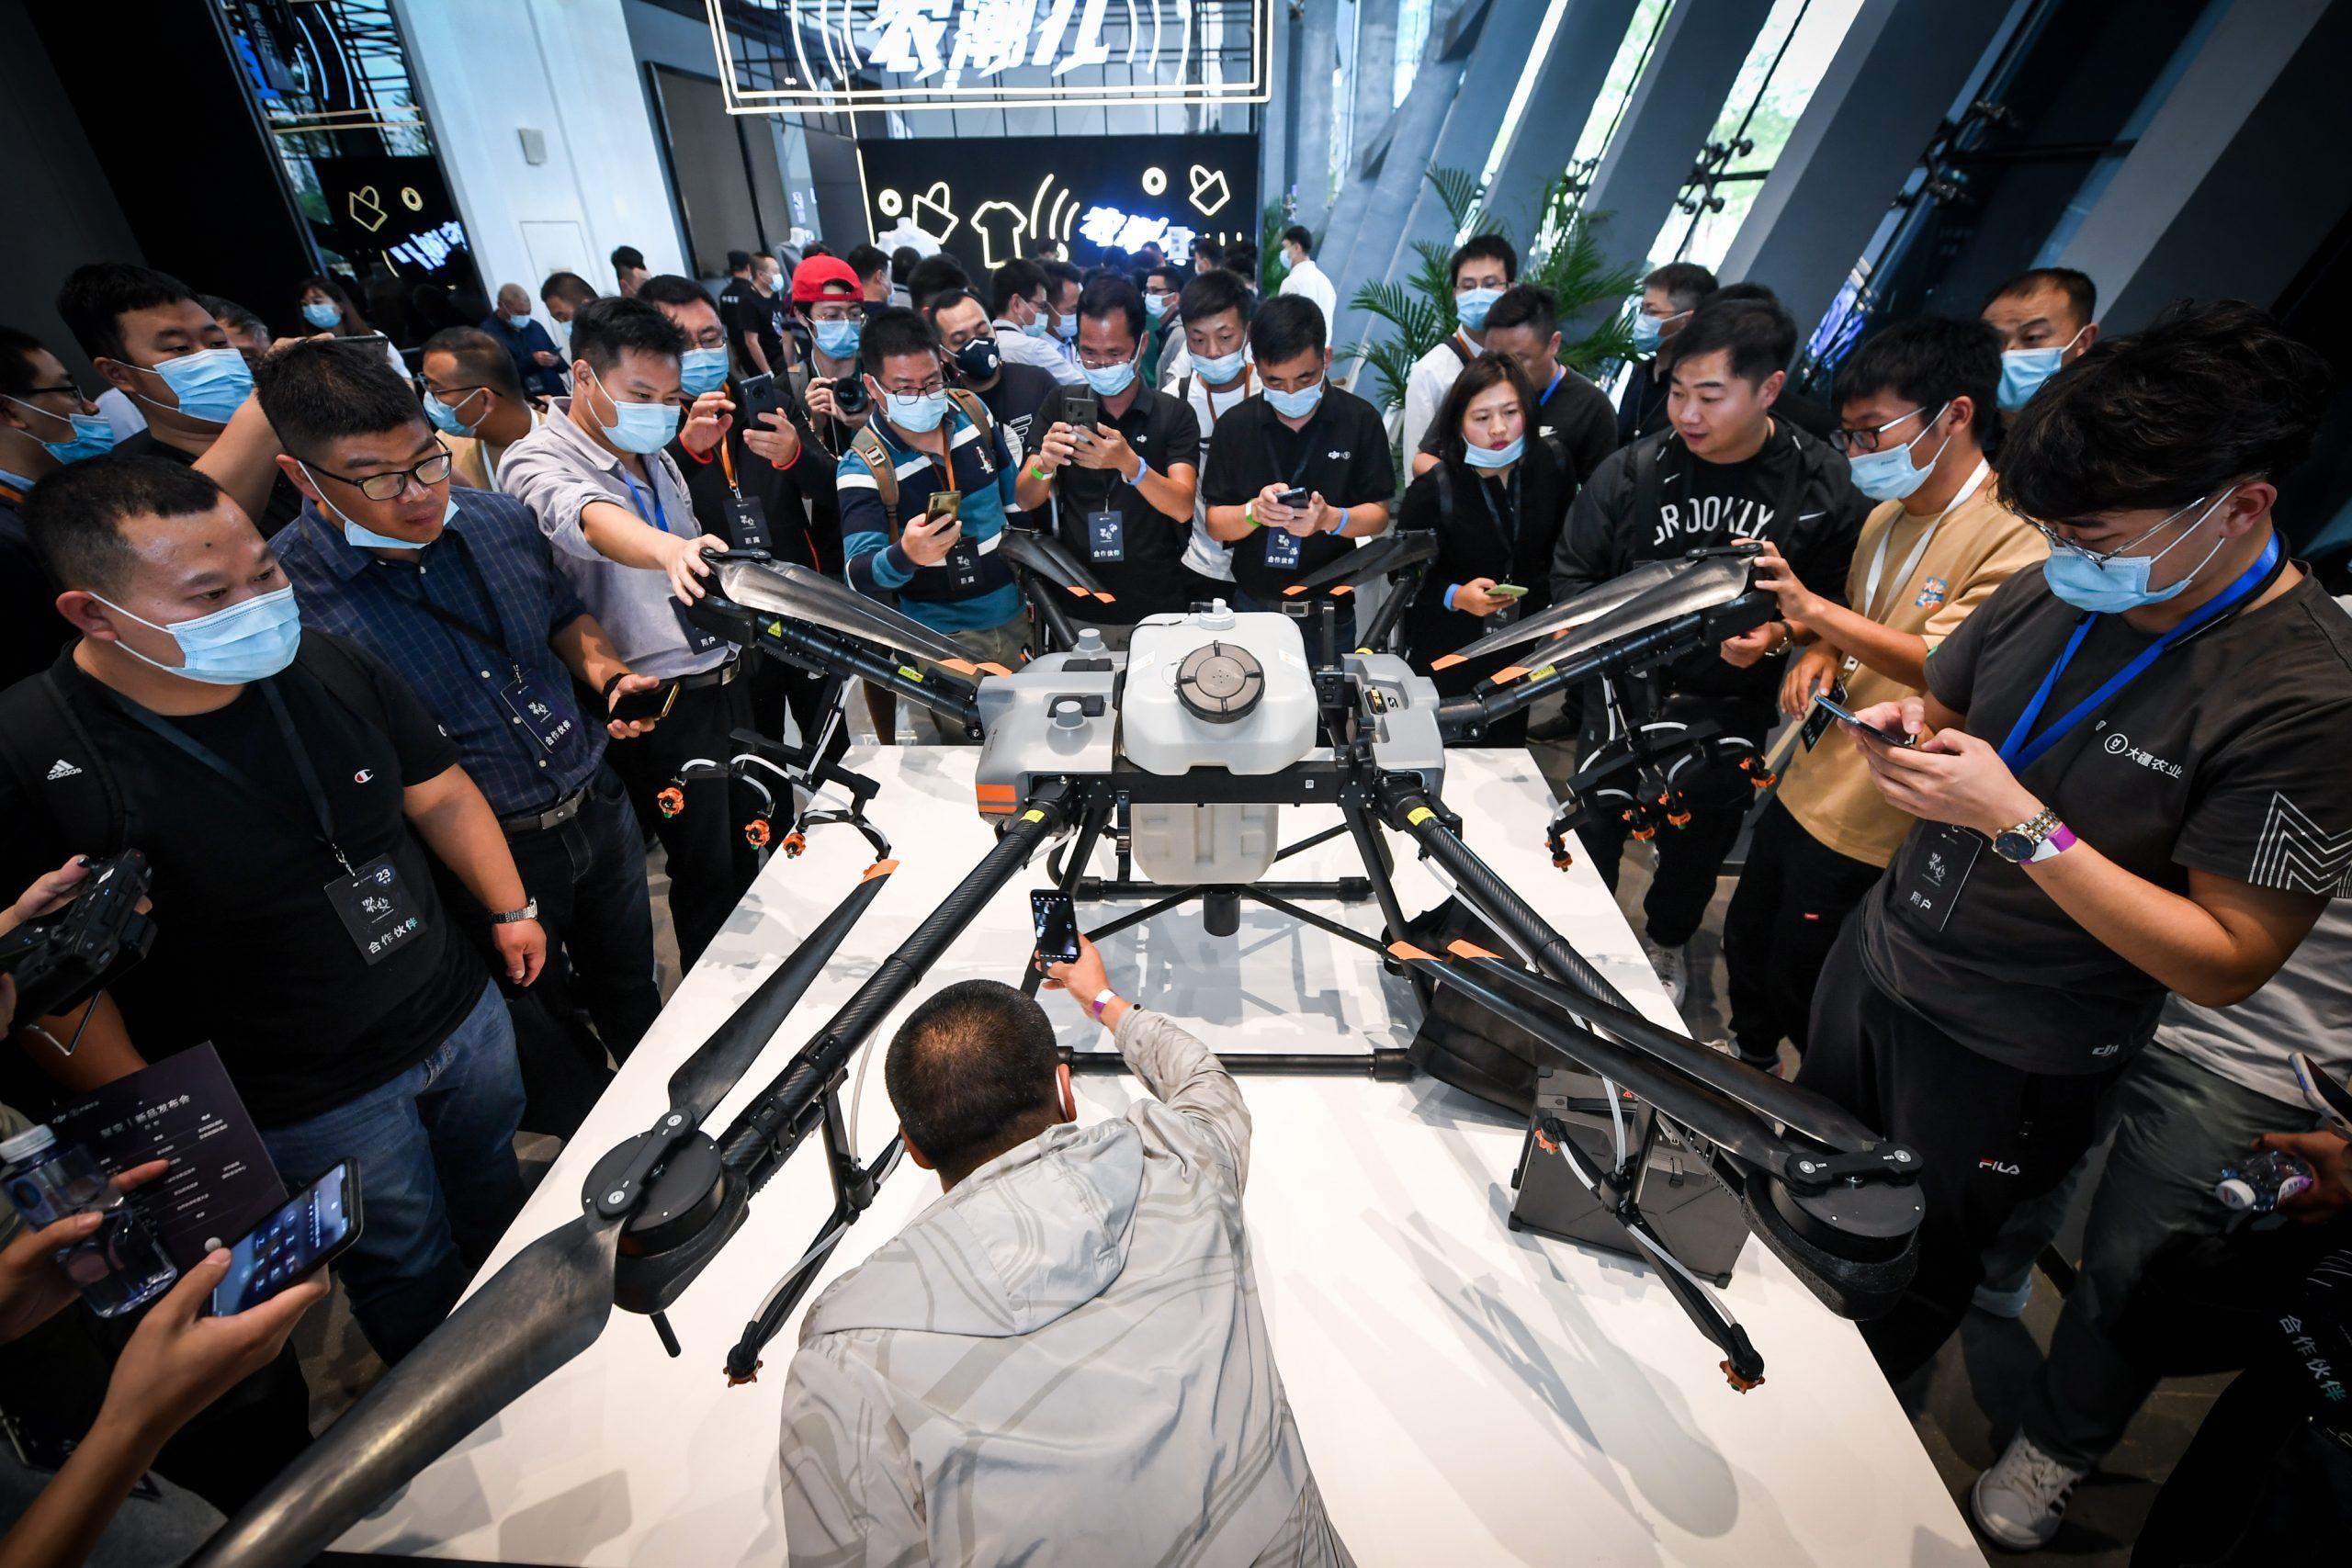 CHINA-GUANGDONG-SHENZHEN-DJI-CROP PROTECTION DRONES-PRODUCT LAUNCH (CN)